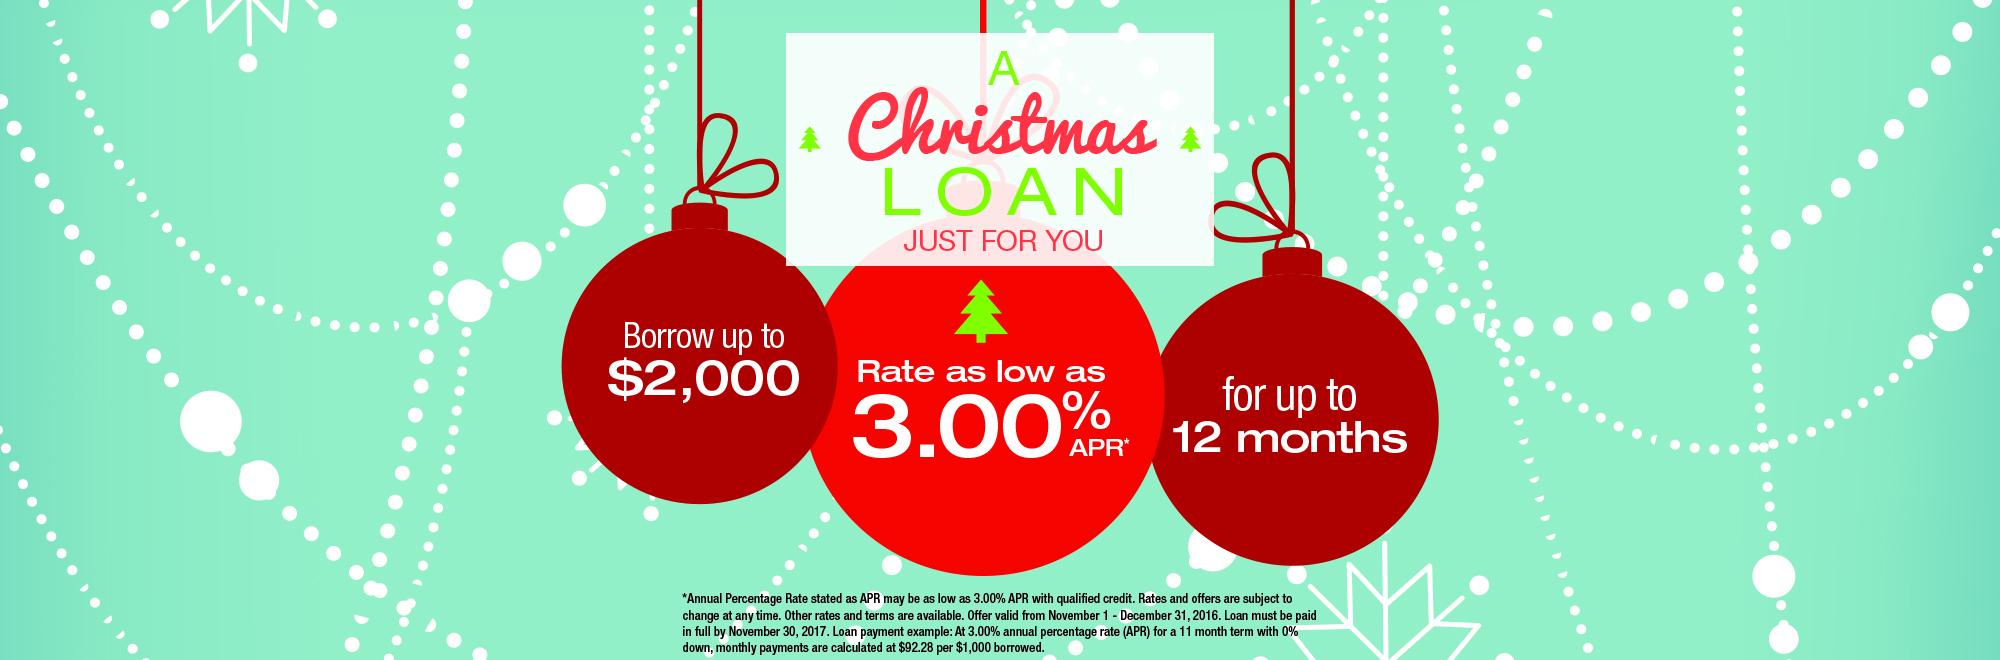 2016 Christmas Loan